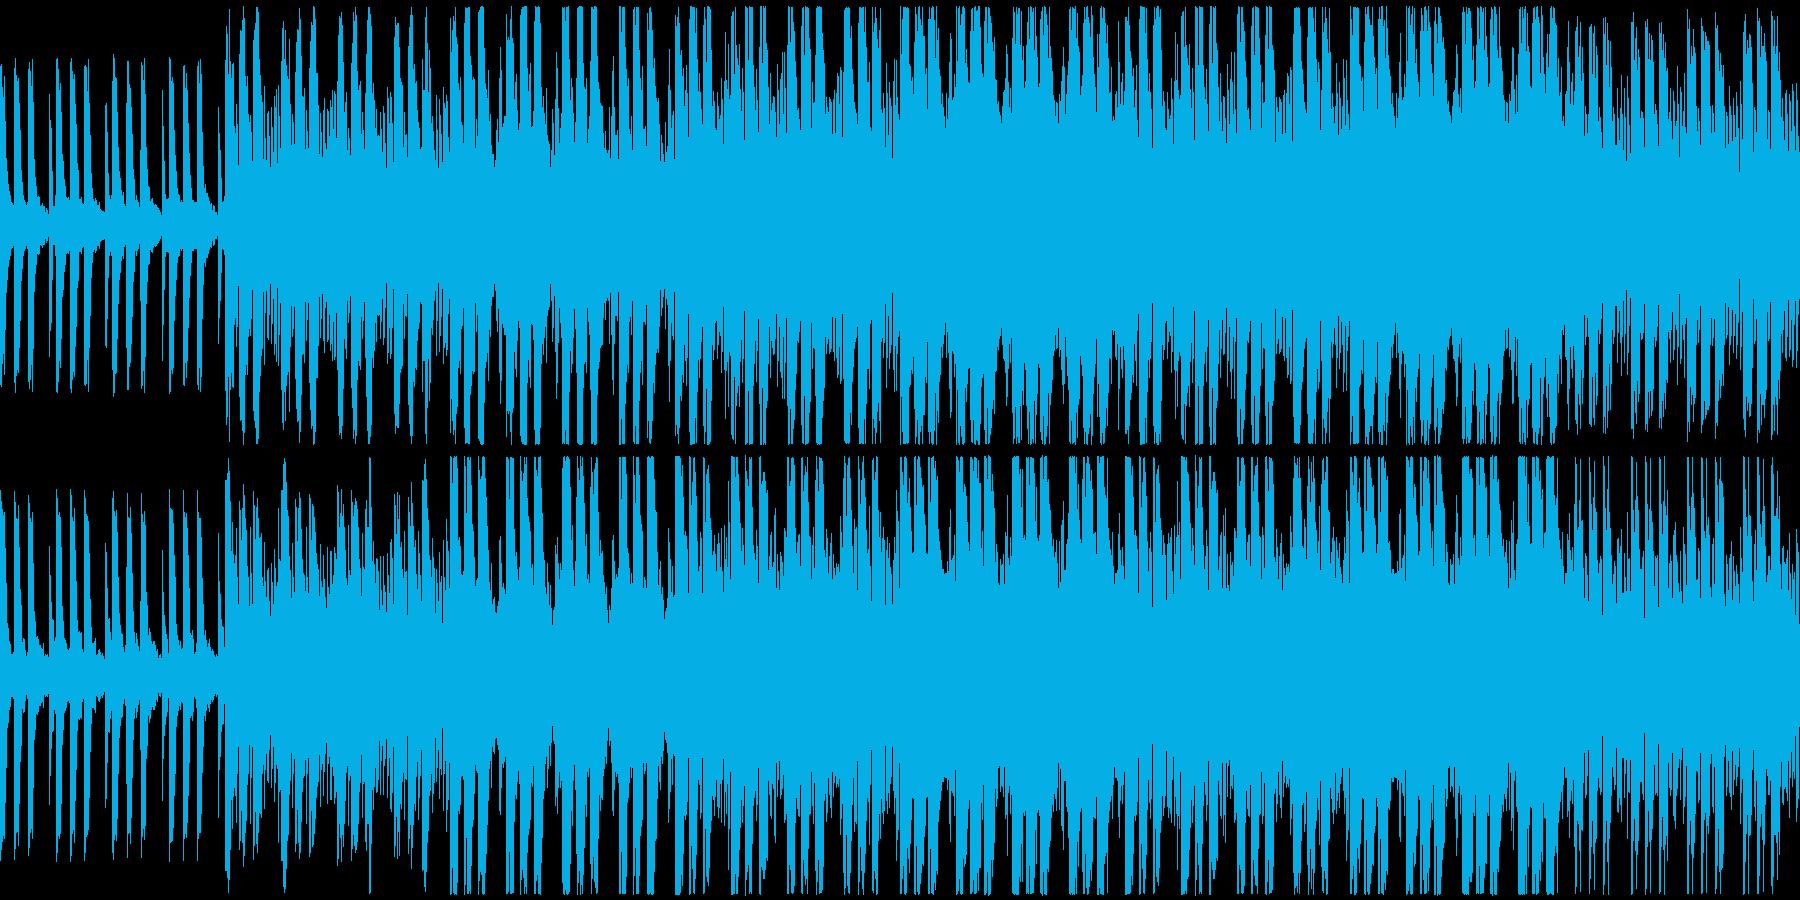 【何かが起こる予感・クラシカル】の再生済みの波形